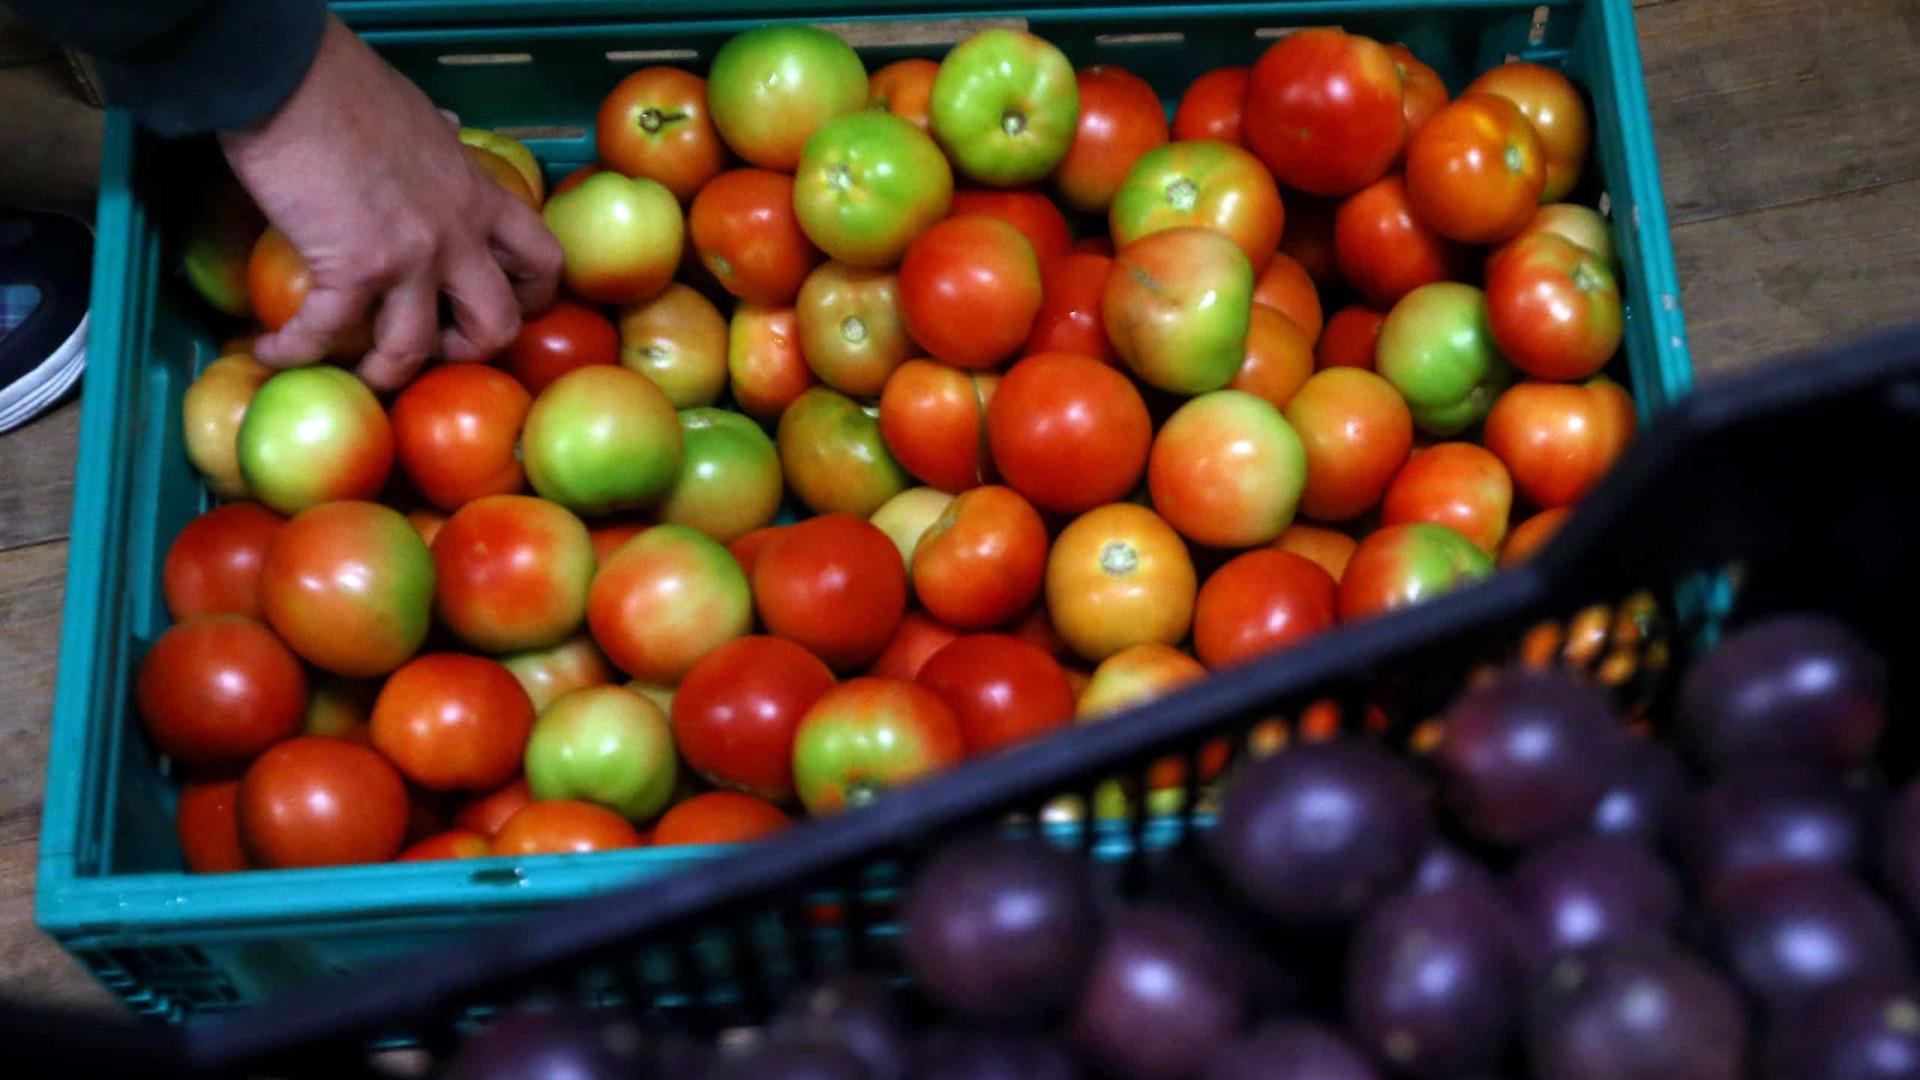 Cidadão da Eritreia quer produzir 2.400 toneladas de legumes em Angola